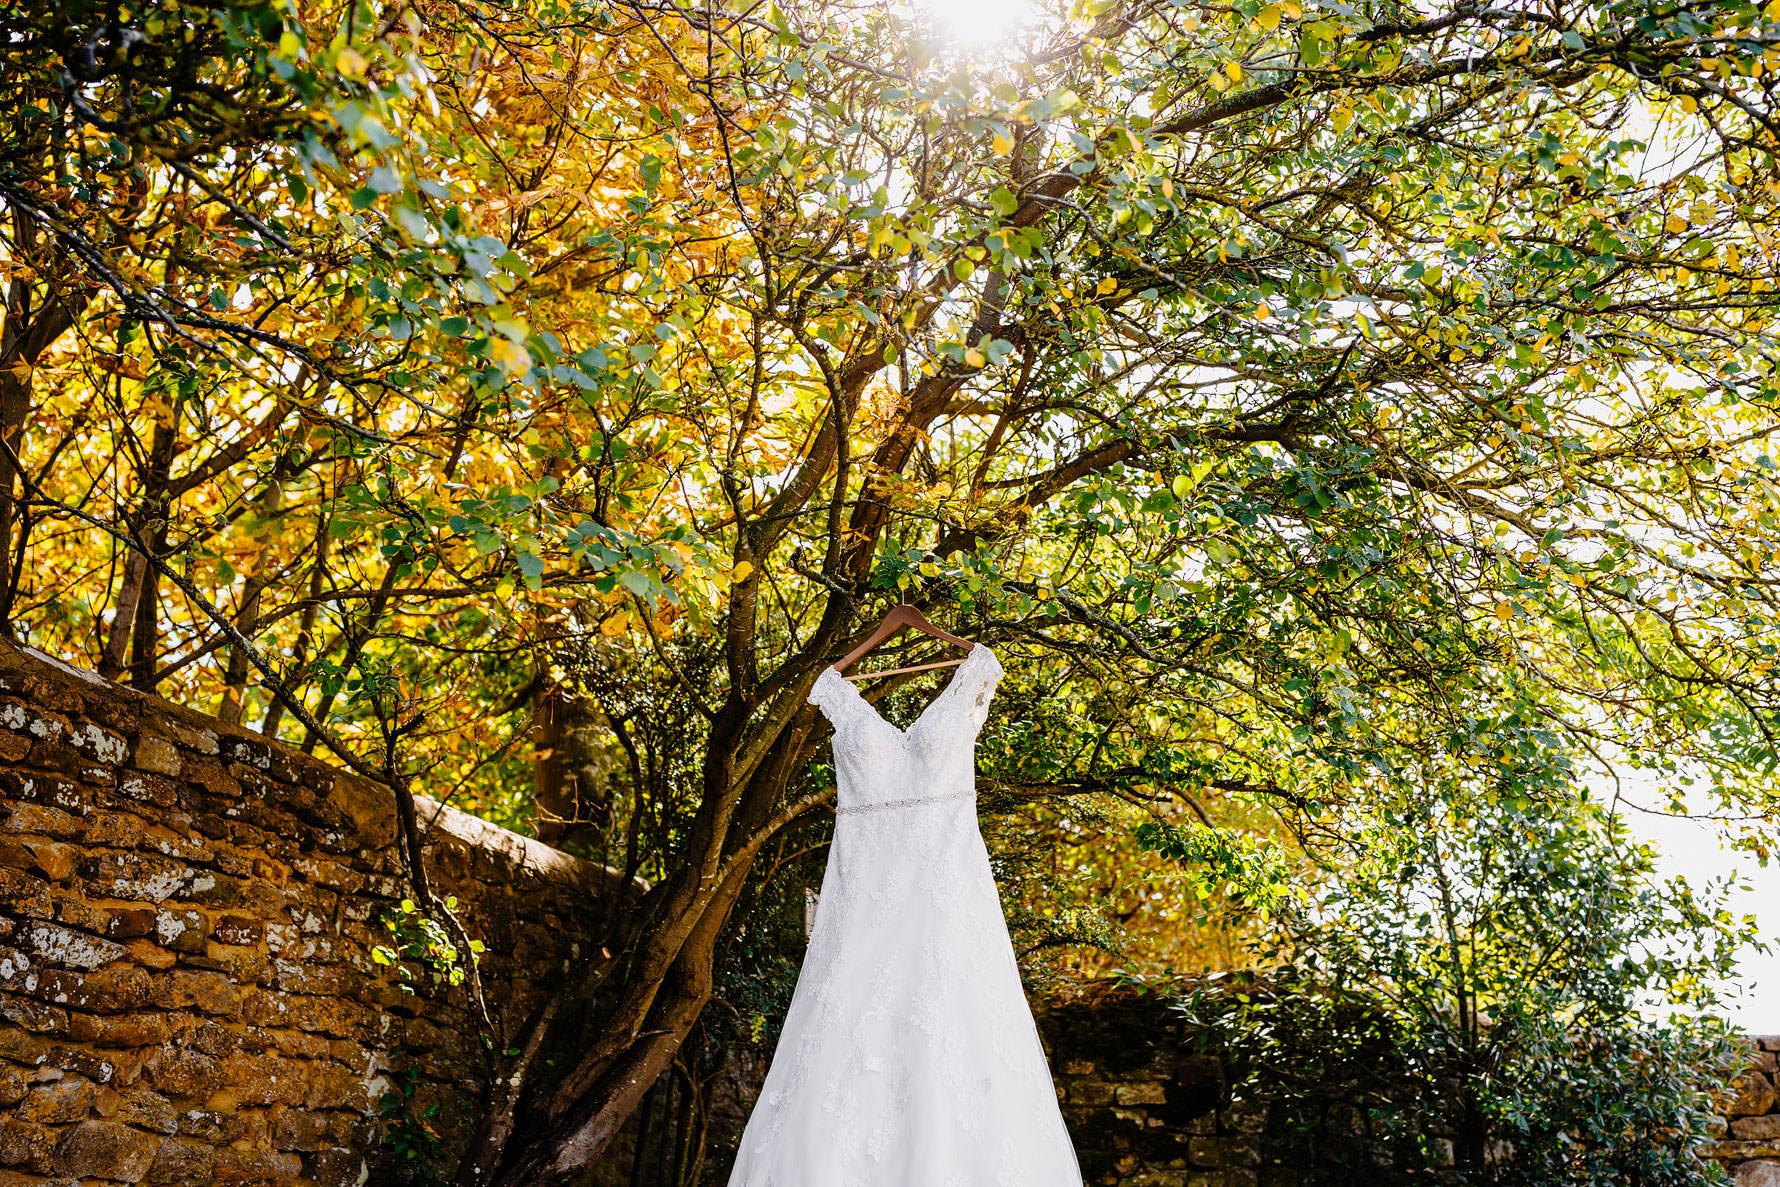 an image of a wedding dress